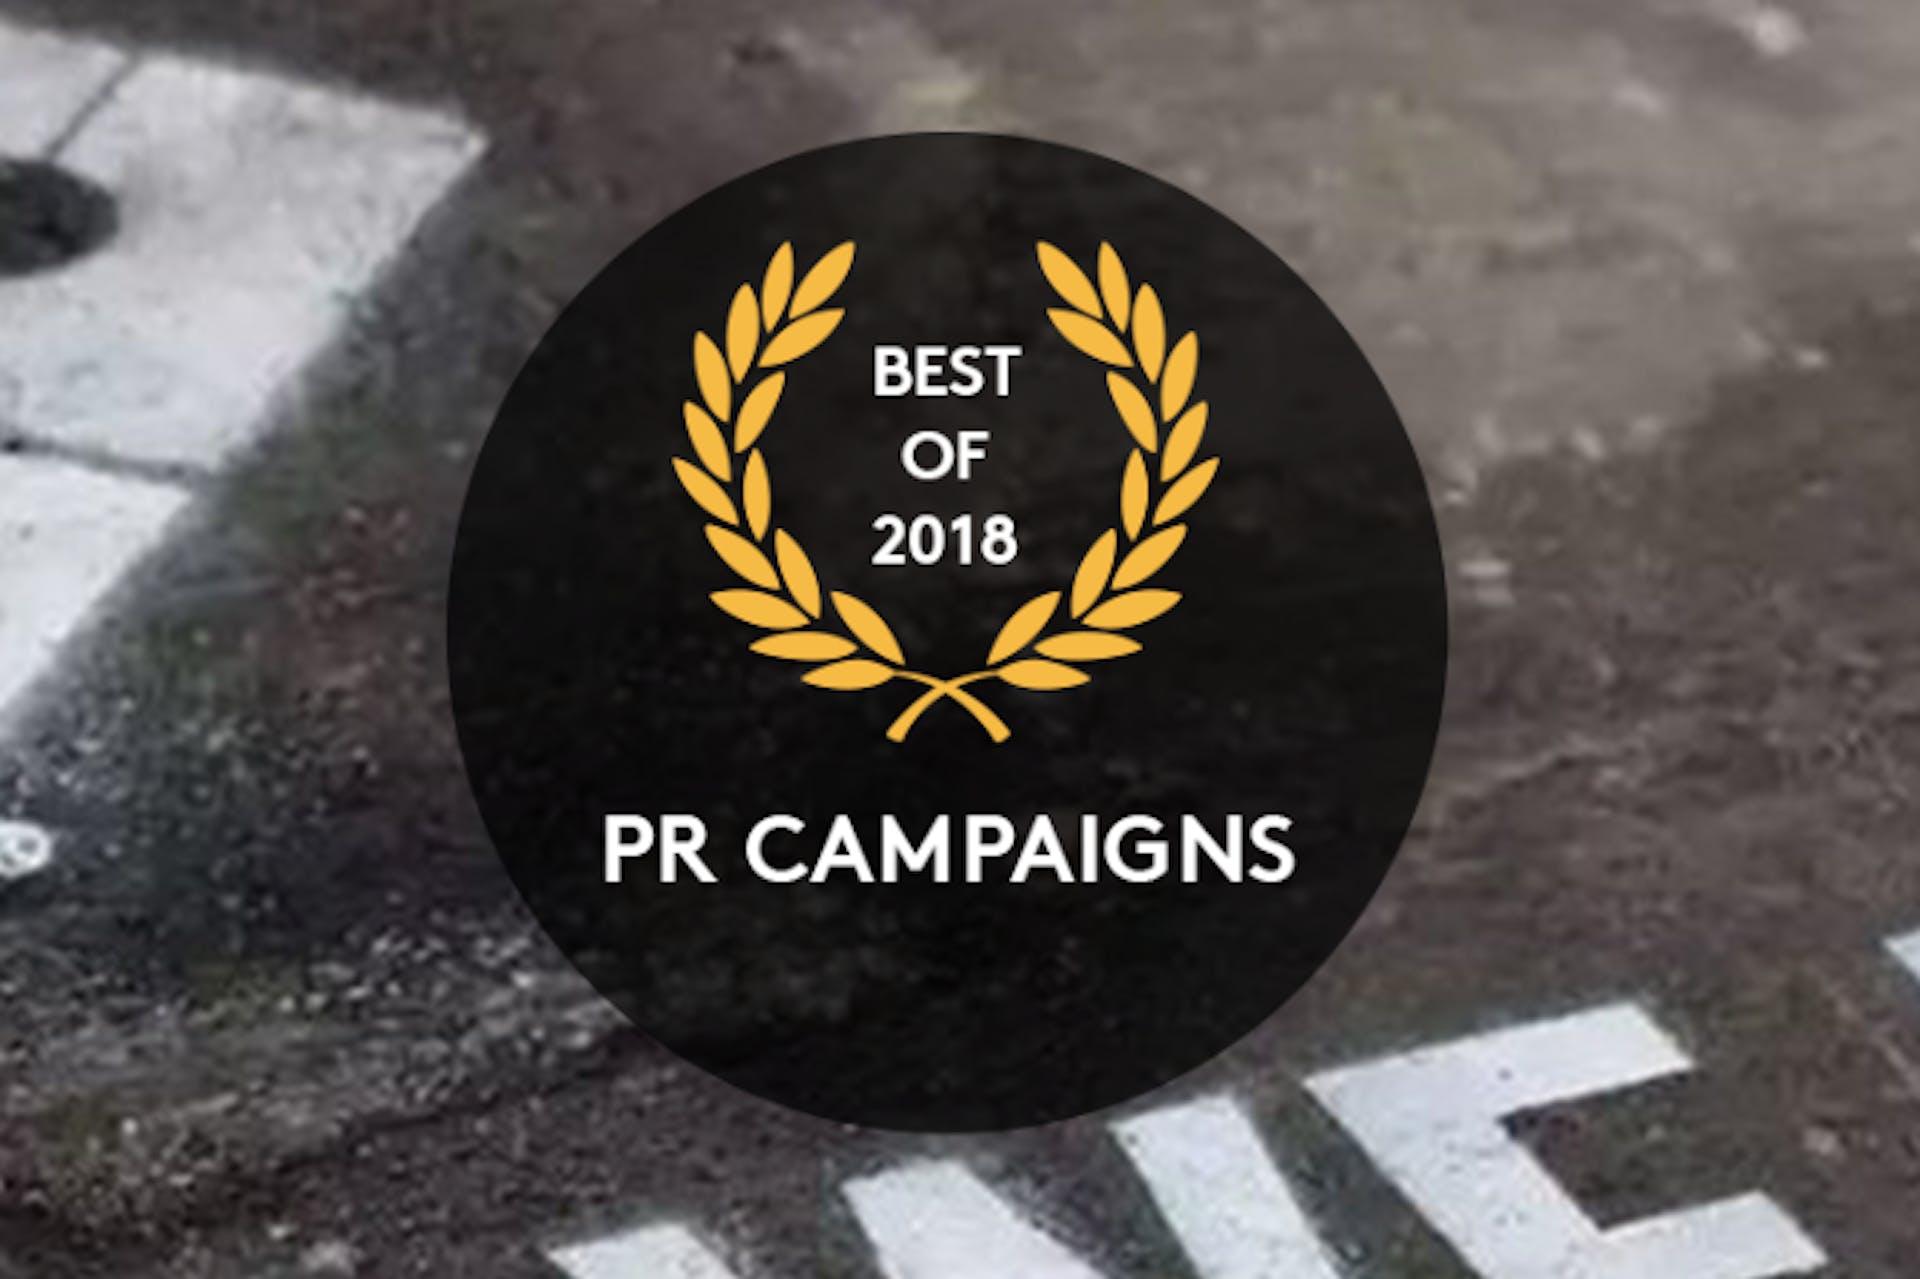 Top PR campaigns